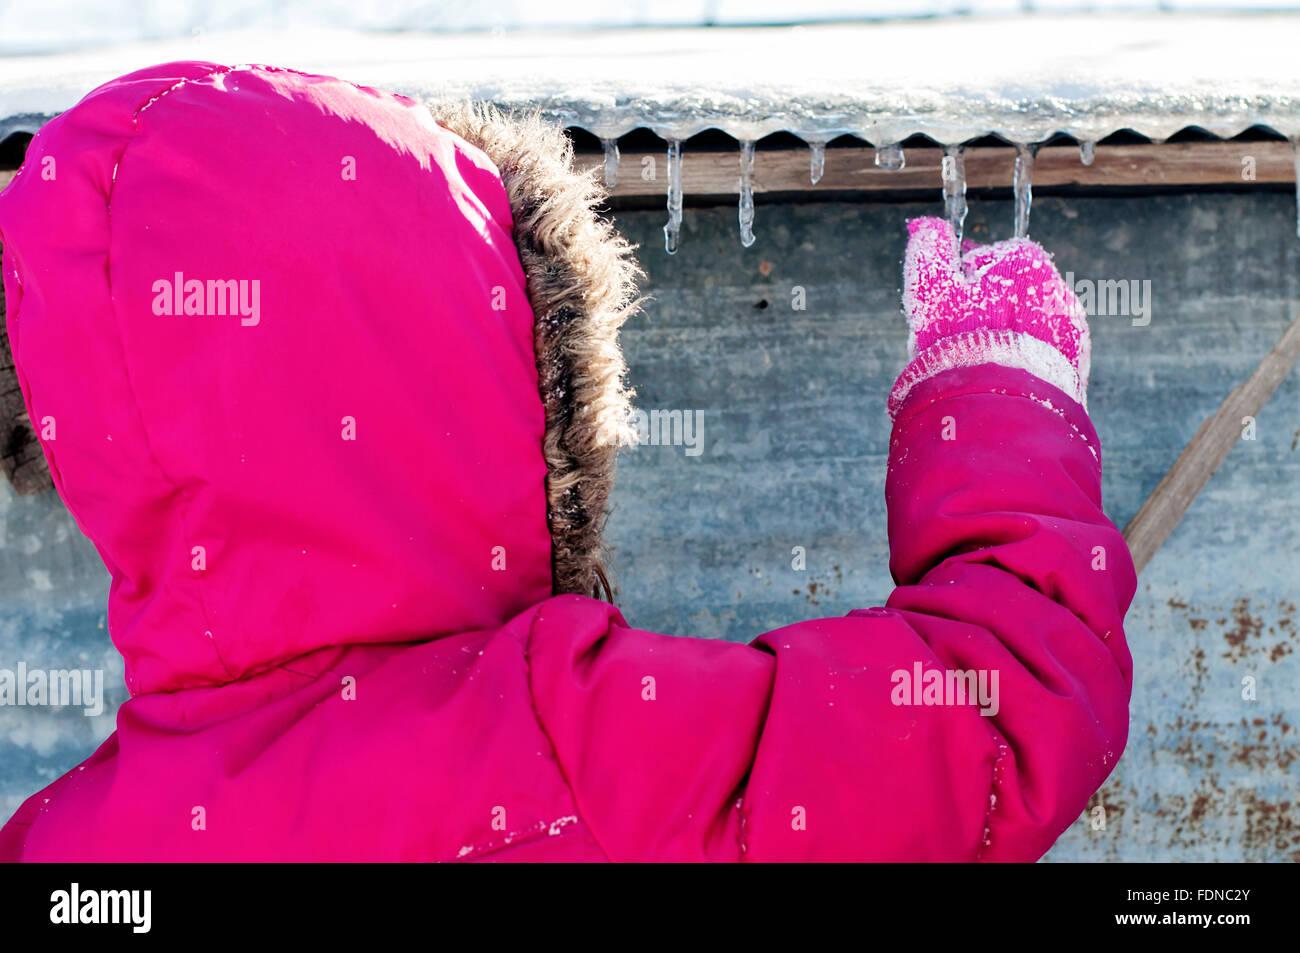 Criança no inverno o gelo recobria fora do celeiro de colheita Imagens de Stock